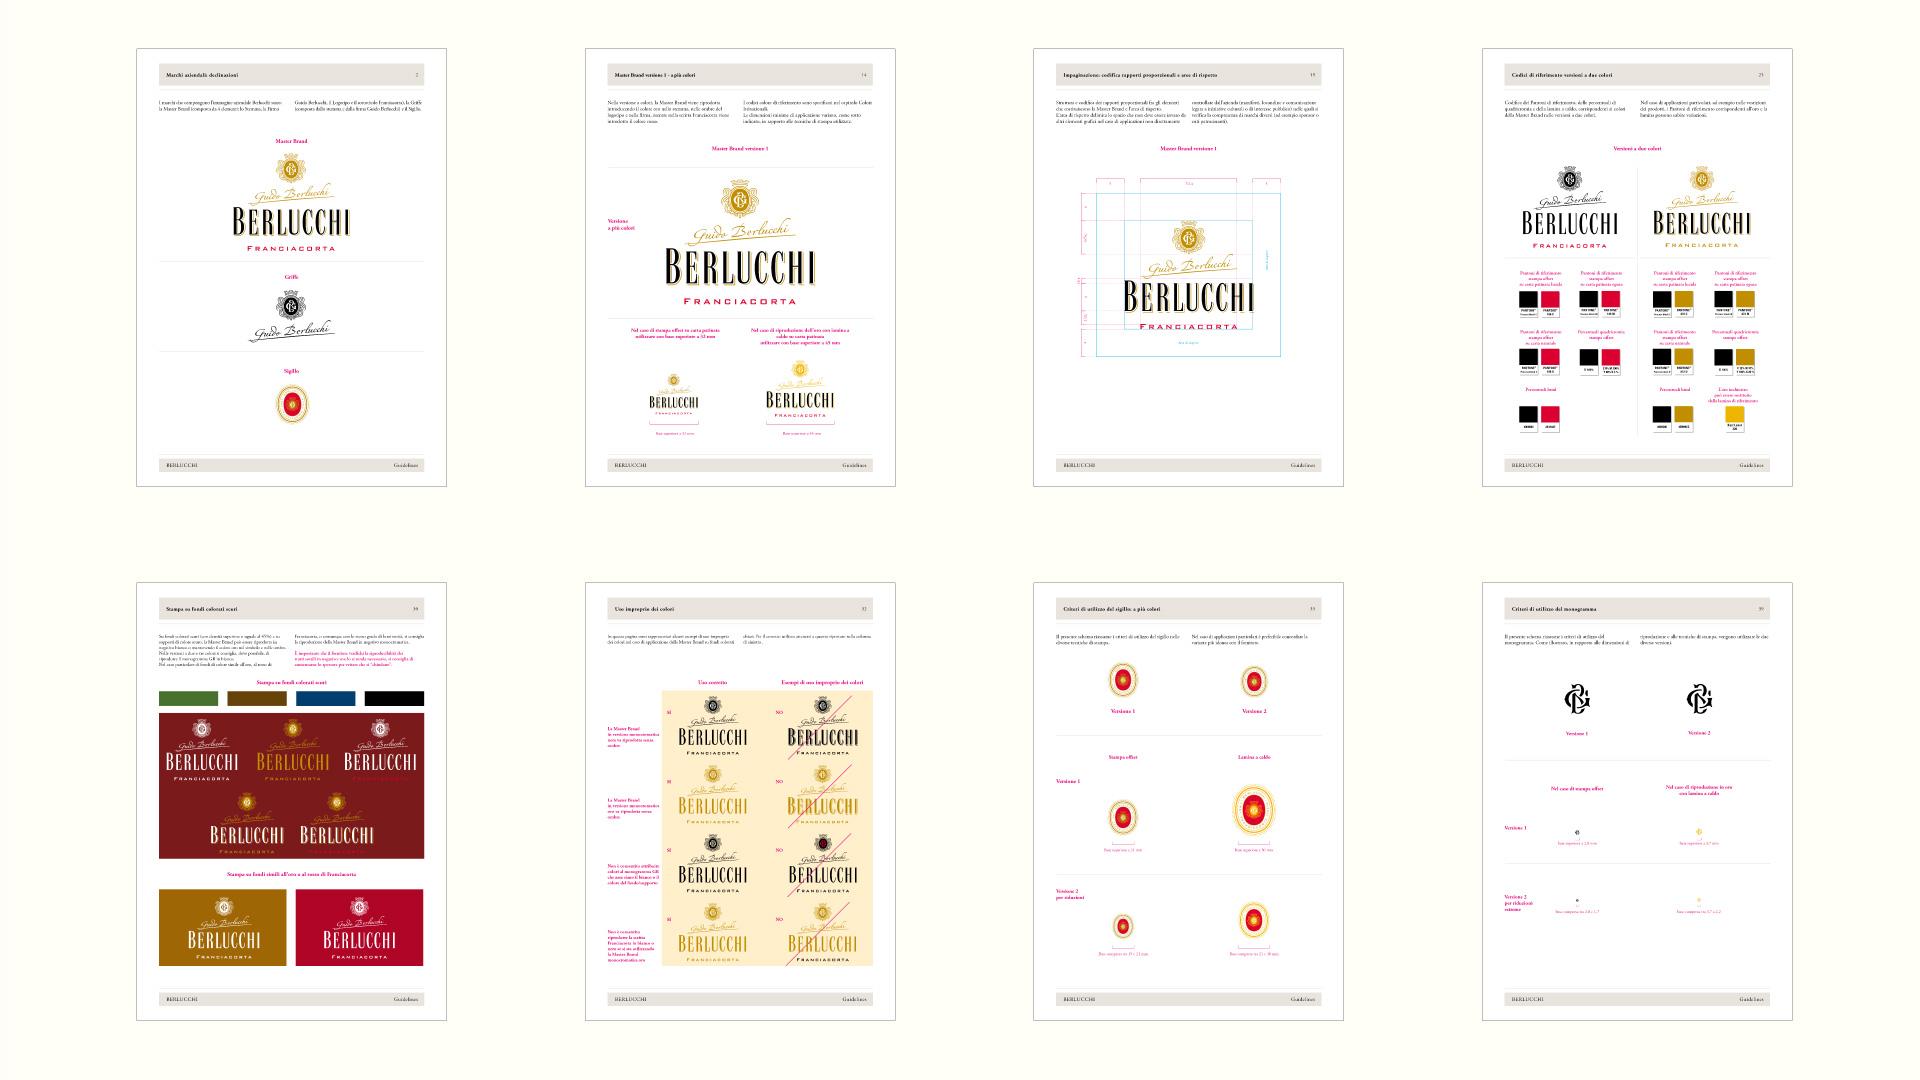 Guido Berlucchi manuale della brand